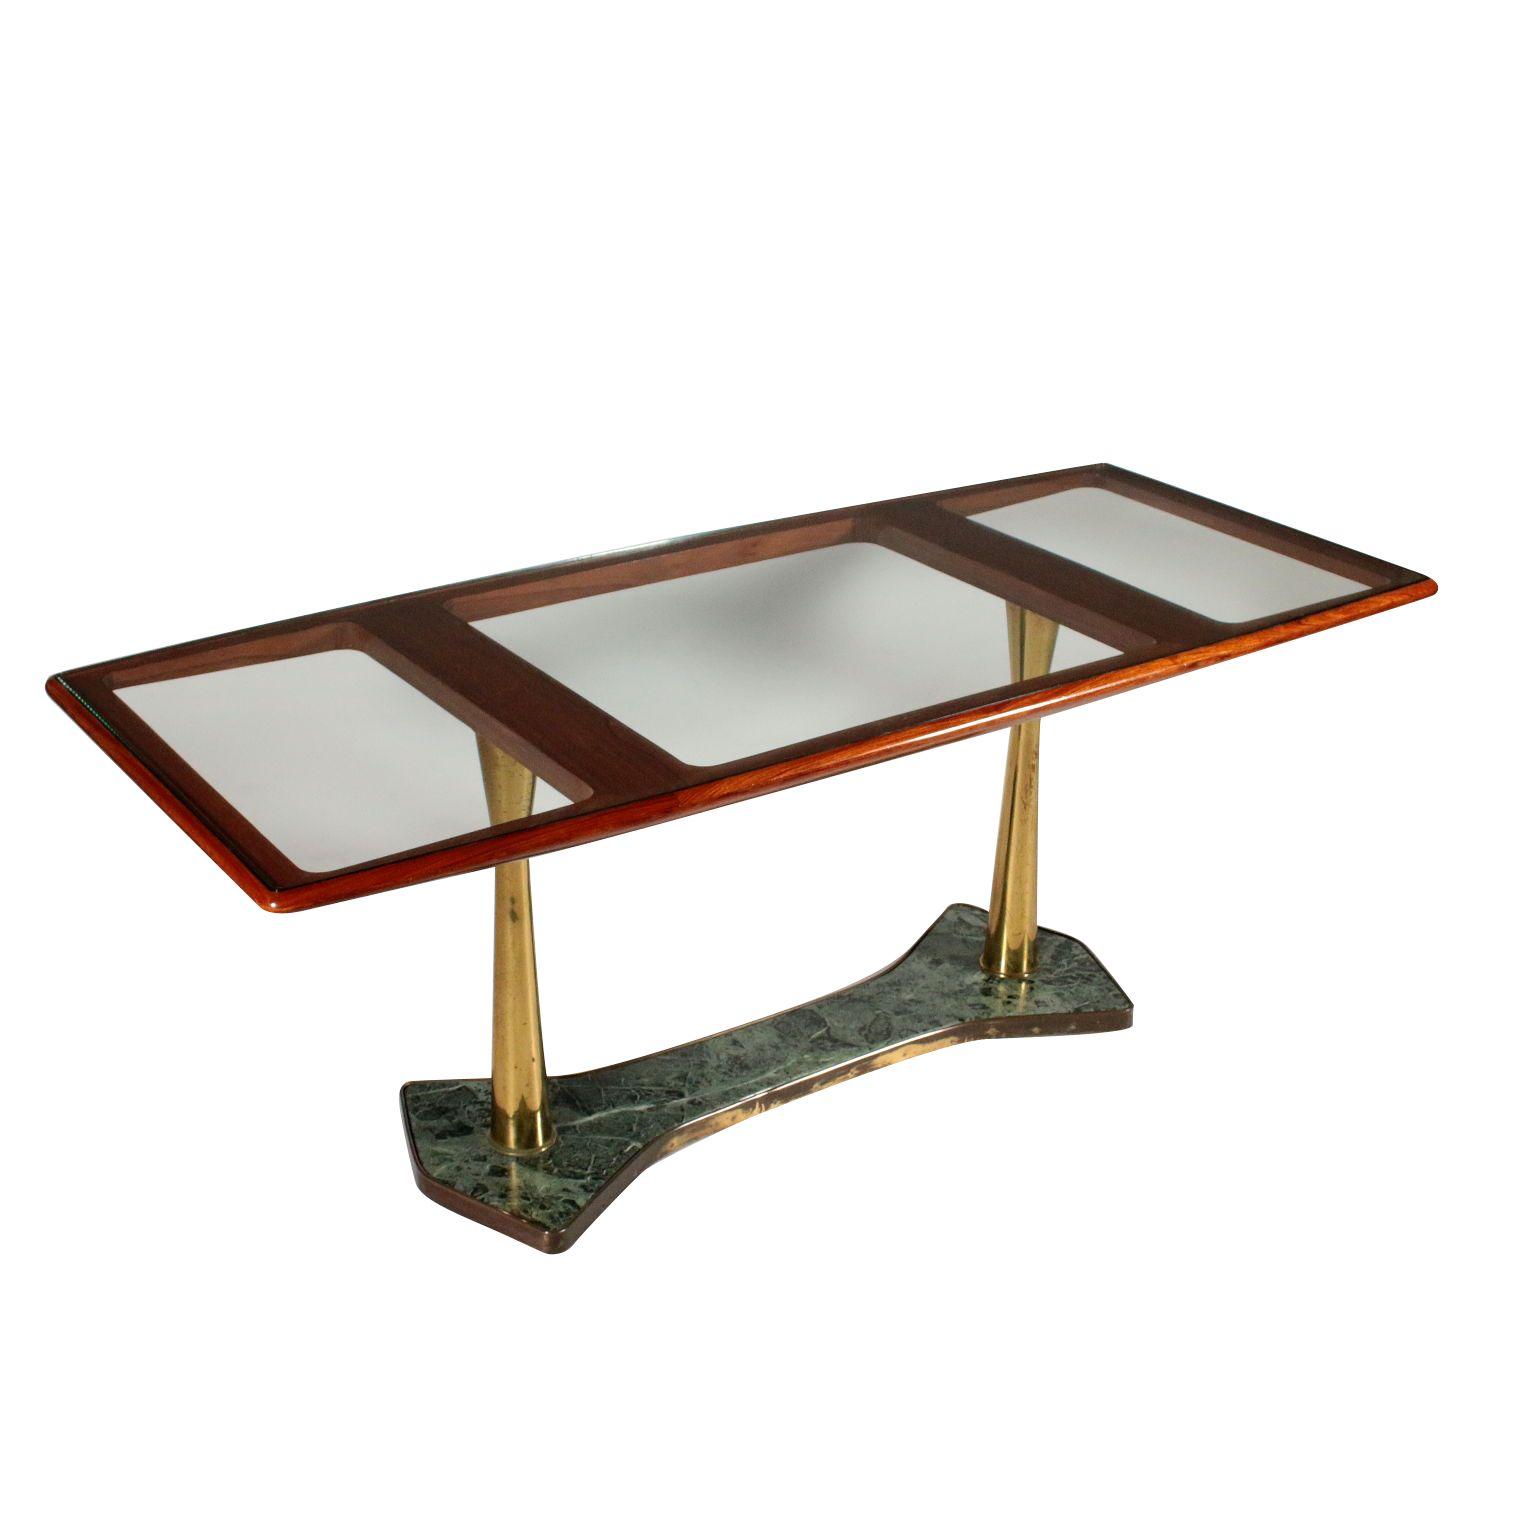 Vintage Et Deco Table Acajou Verre Transparent Laiton Marbre Italie Annees 50 Table Dessus En Bois D Acajou Et Verre Transpare Table Vintage Vintage Marbre